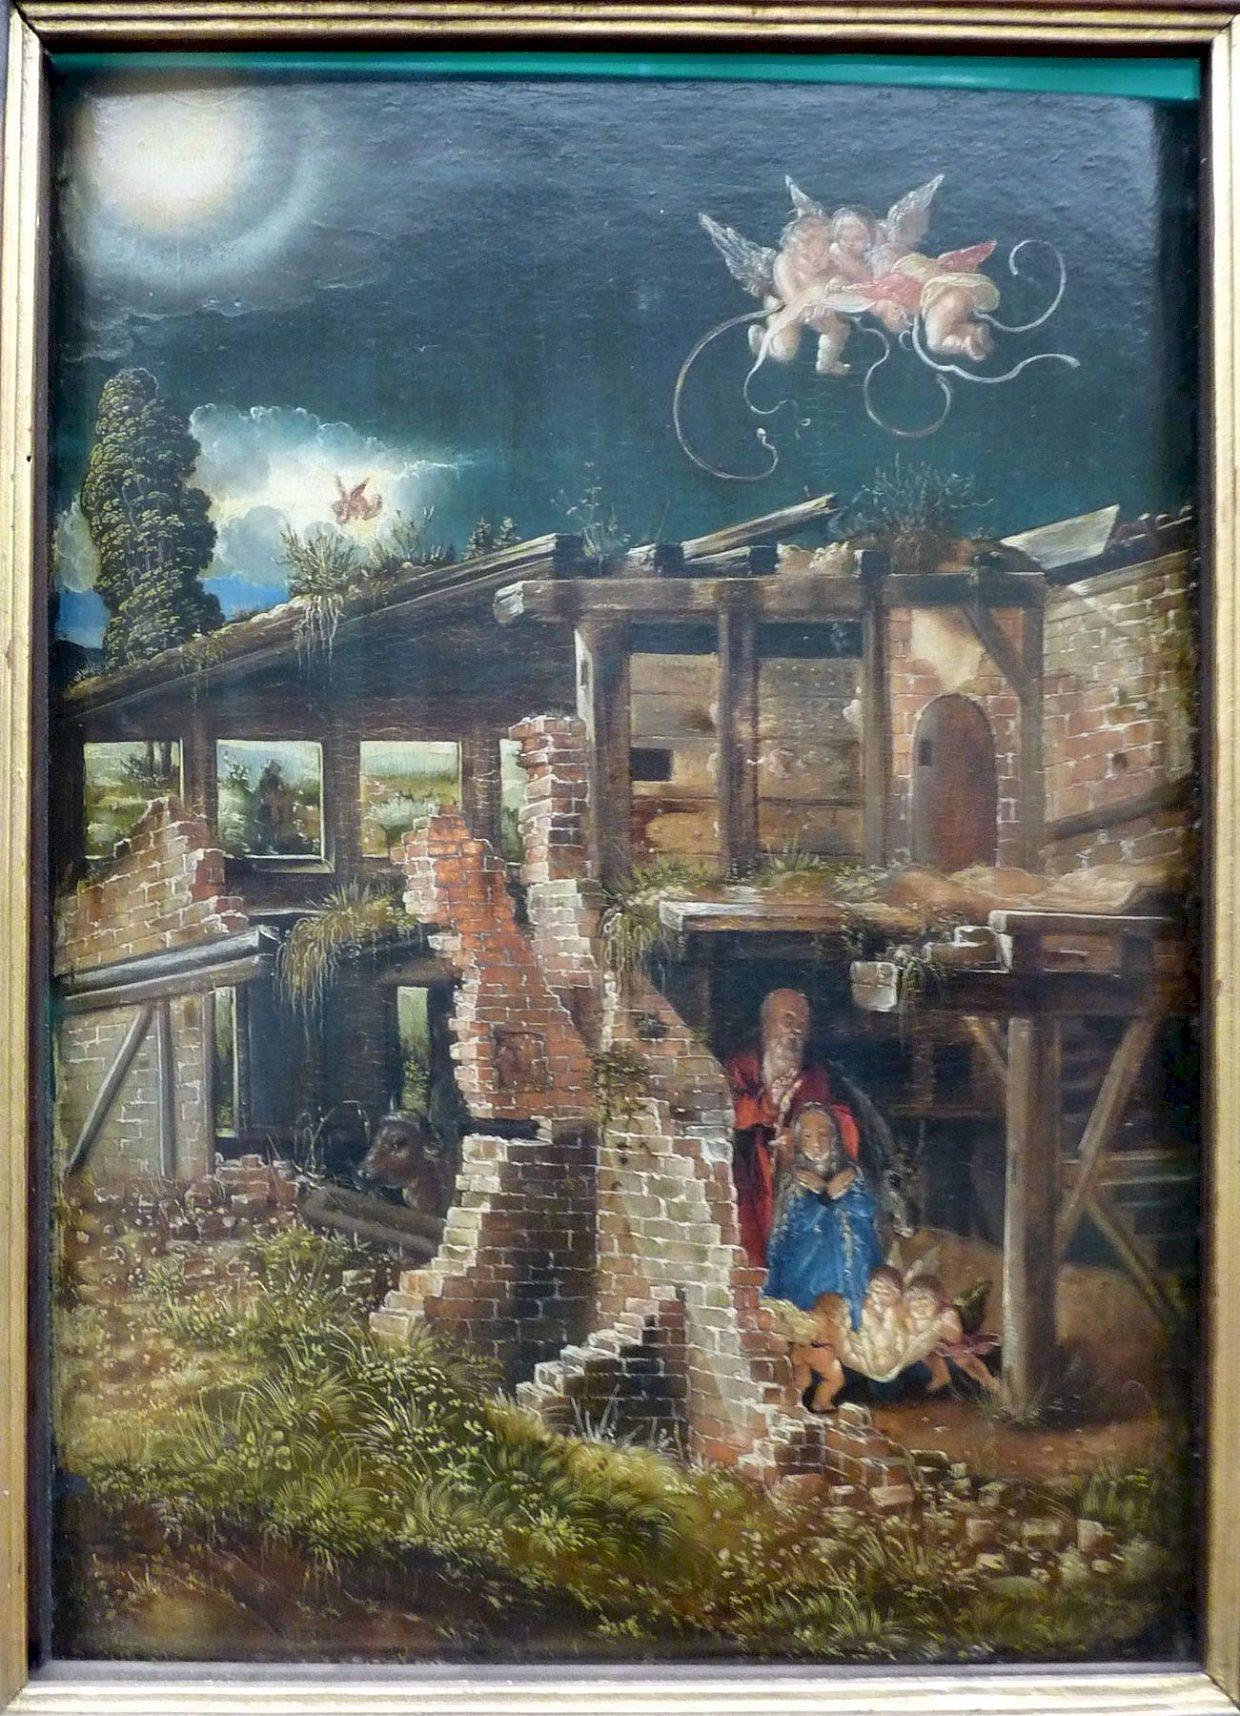 1513c_Altdorfer_Albrecht_Die-Geburst-Christi_Berlin_Gemäldegalerie_P1520775_JFMartine